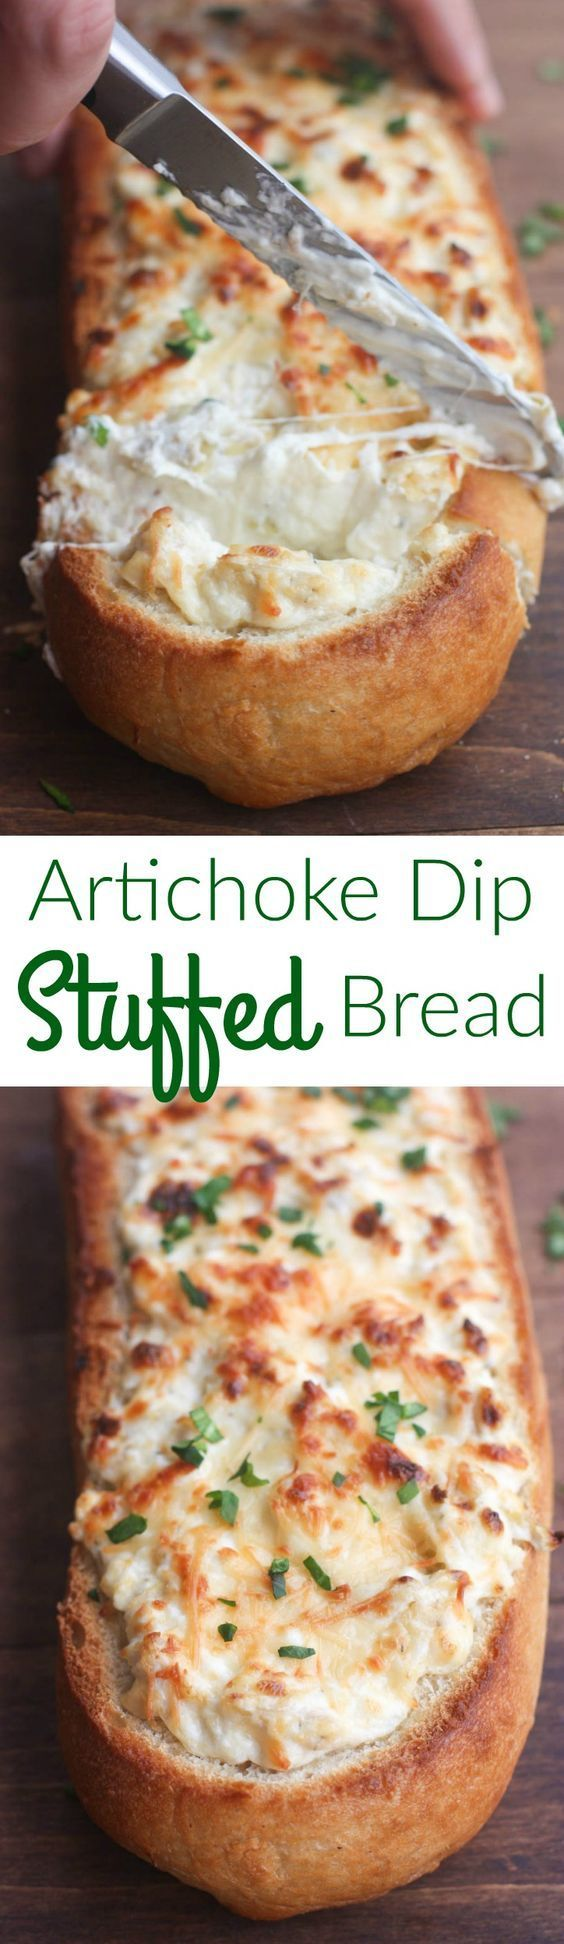 Artichoke Dip Stuffed Bread                                                                                                                                                                                 More